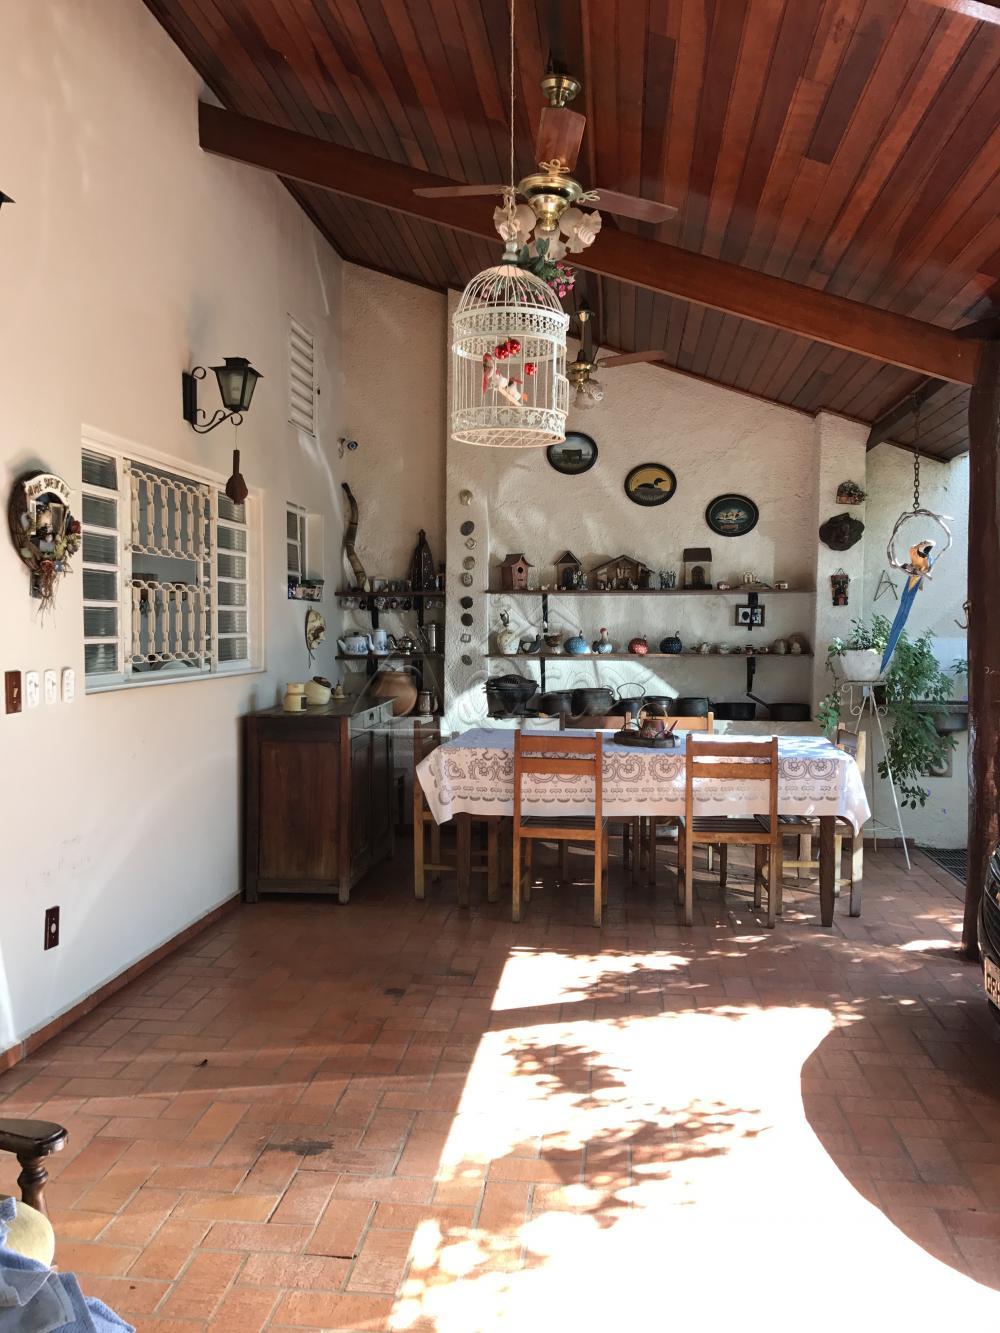 Comprar Casa / Padrão em Barretos R$ 490.000,00 - Foto 3